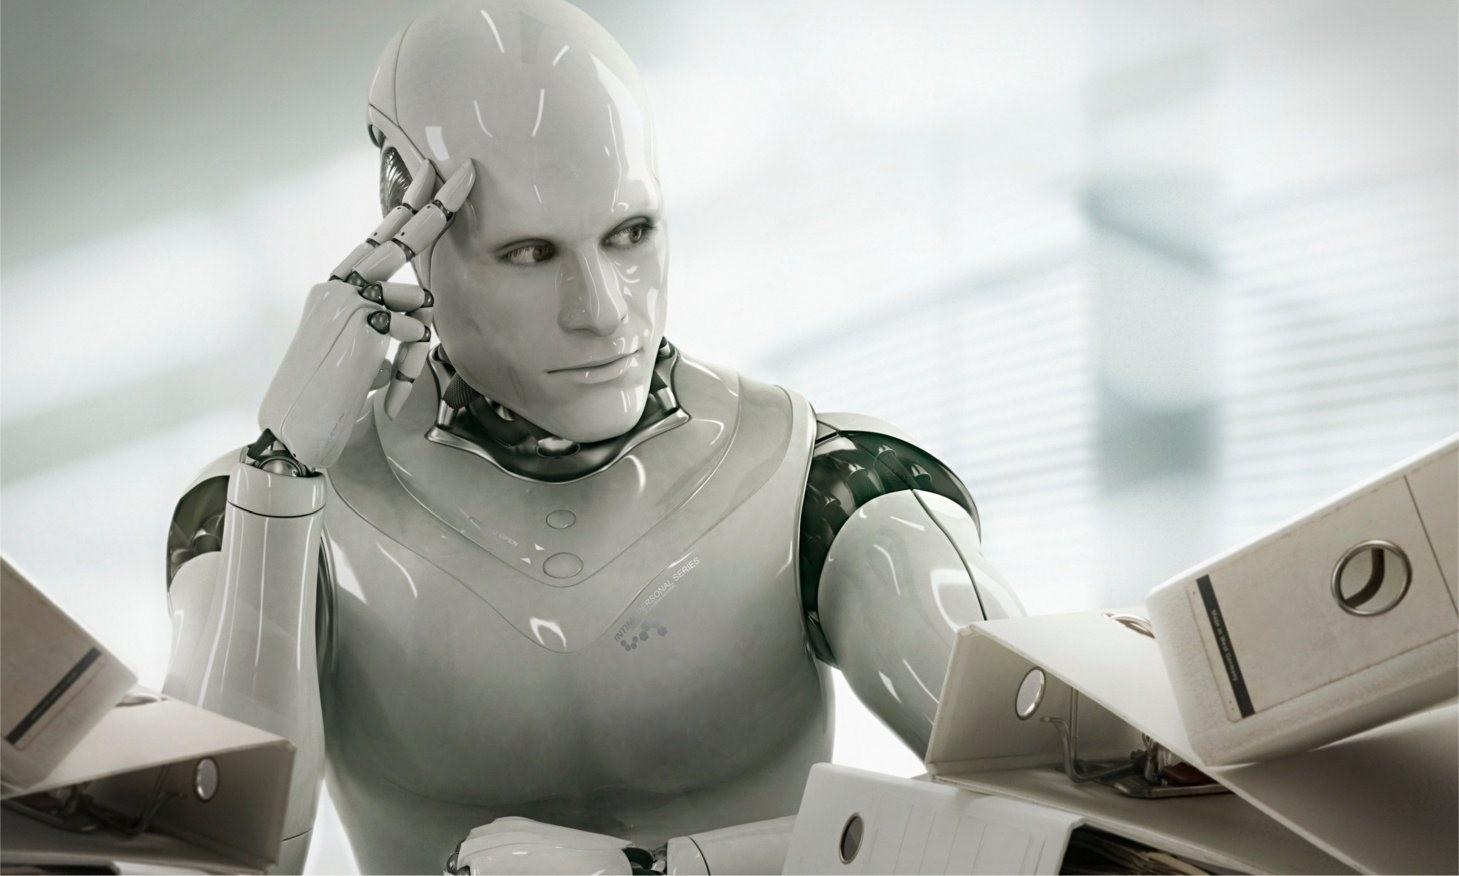 Ученые работают над созданием робота-судьи